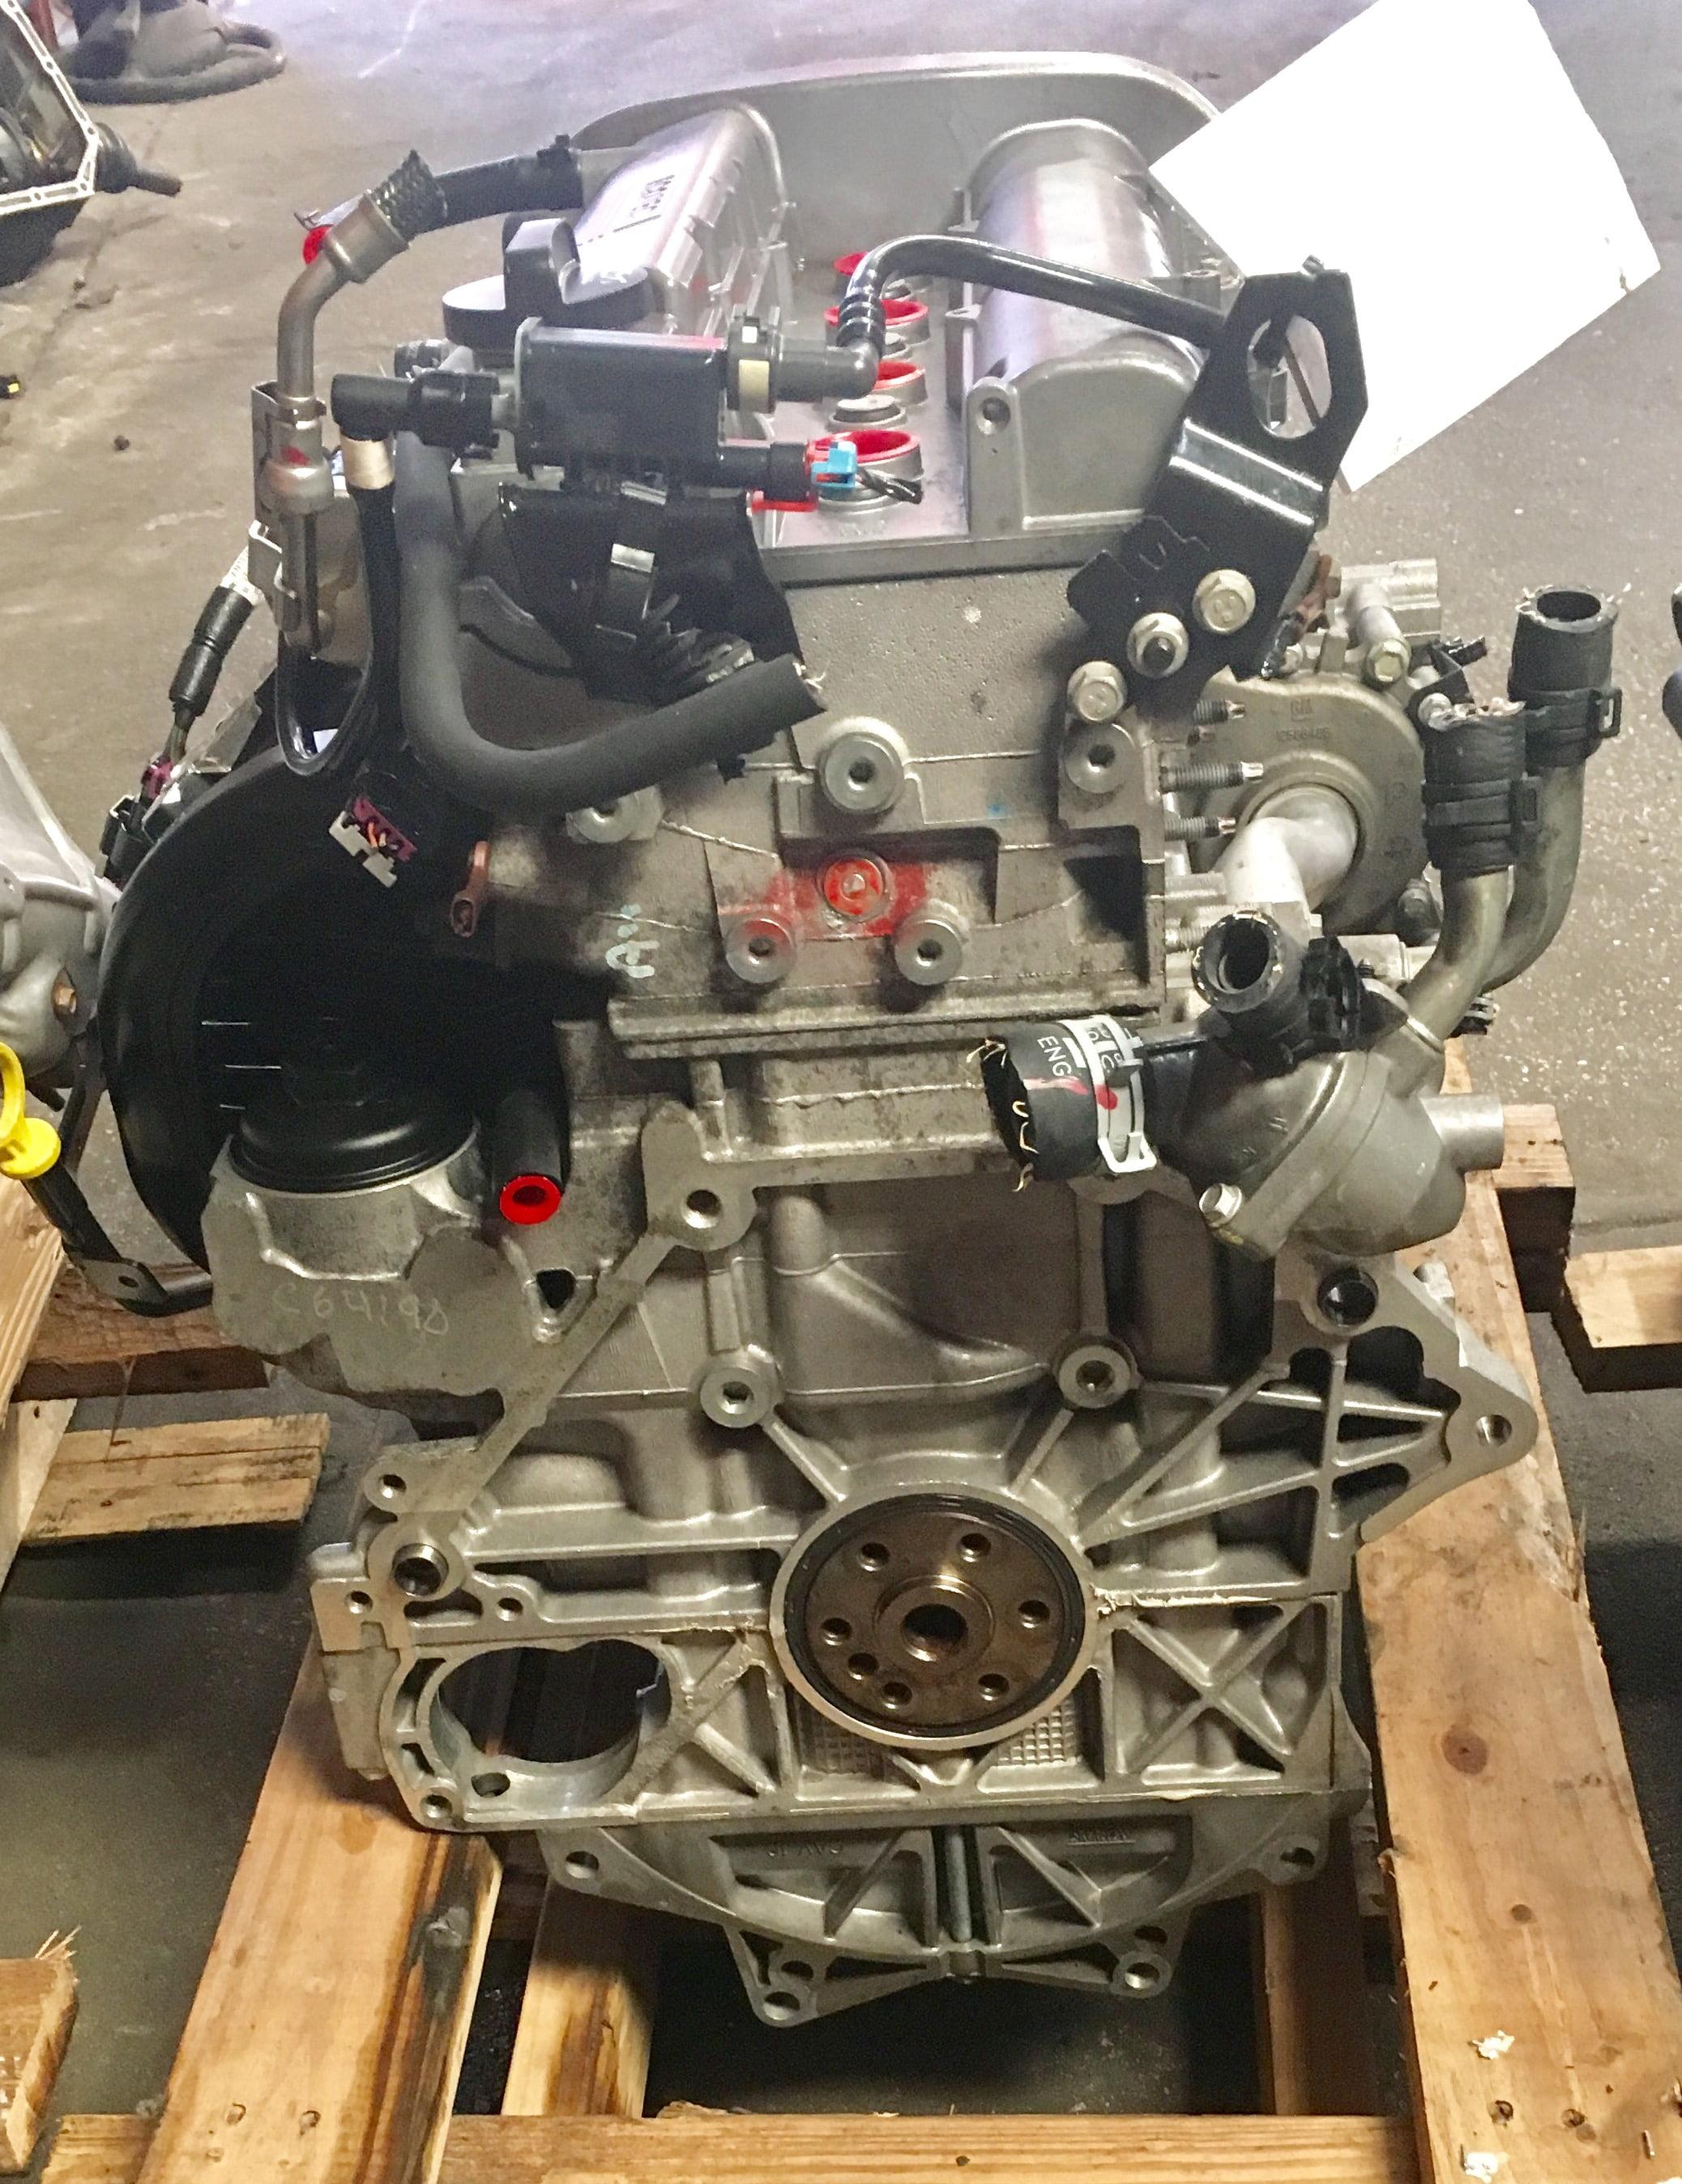 Chevrolet Cobalt Malibu    HHR    Saturn Ion Pontiac G5    Engine       2